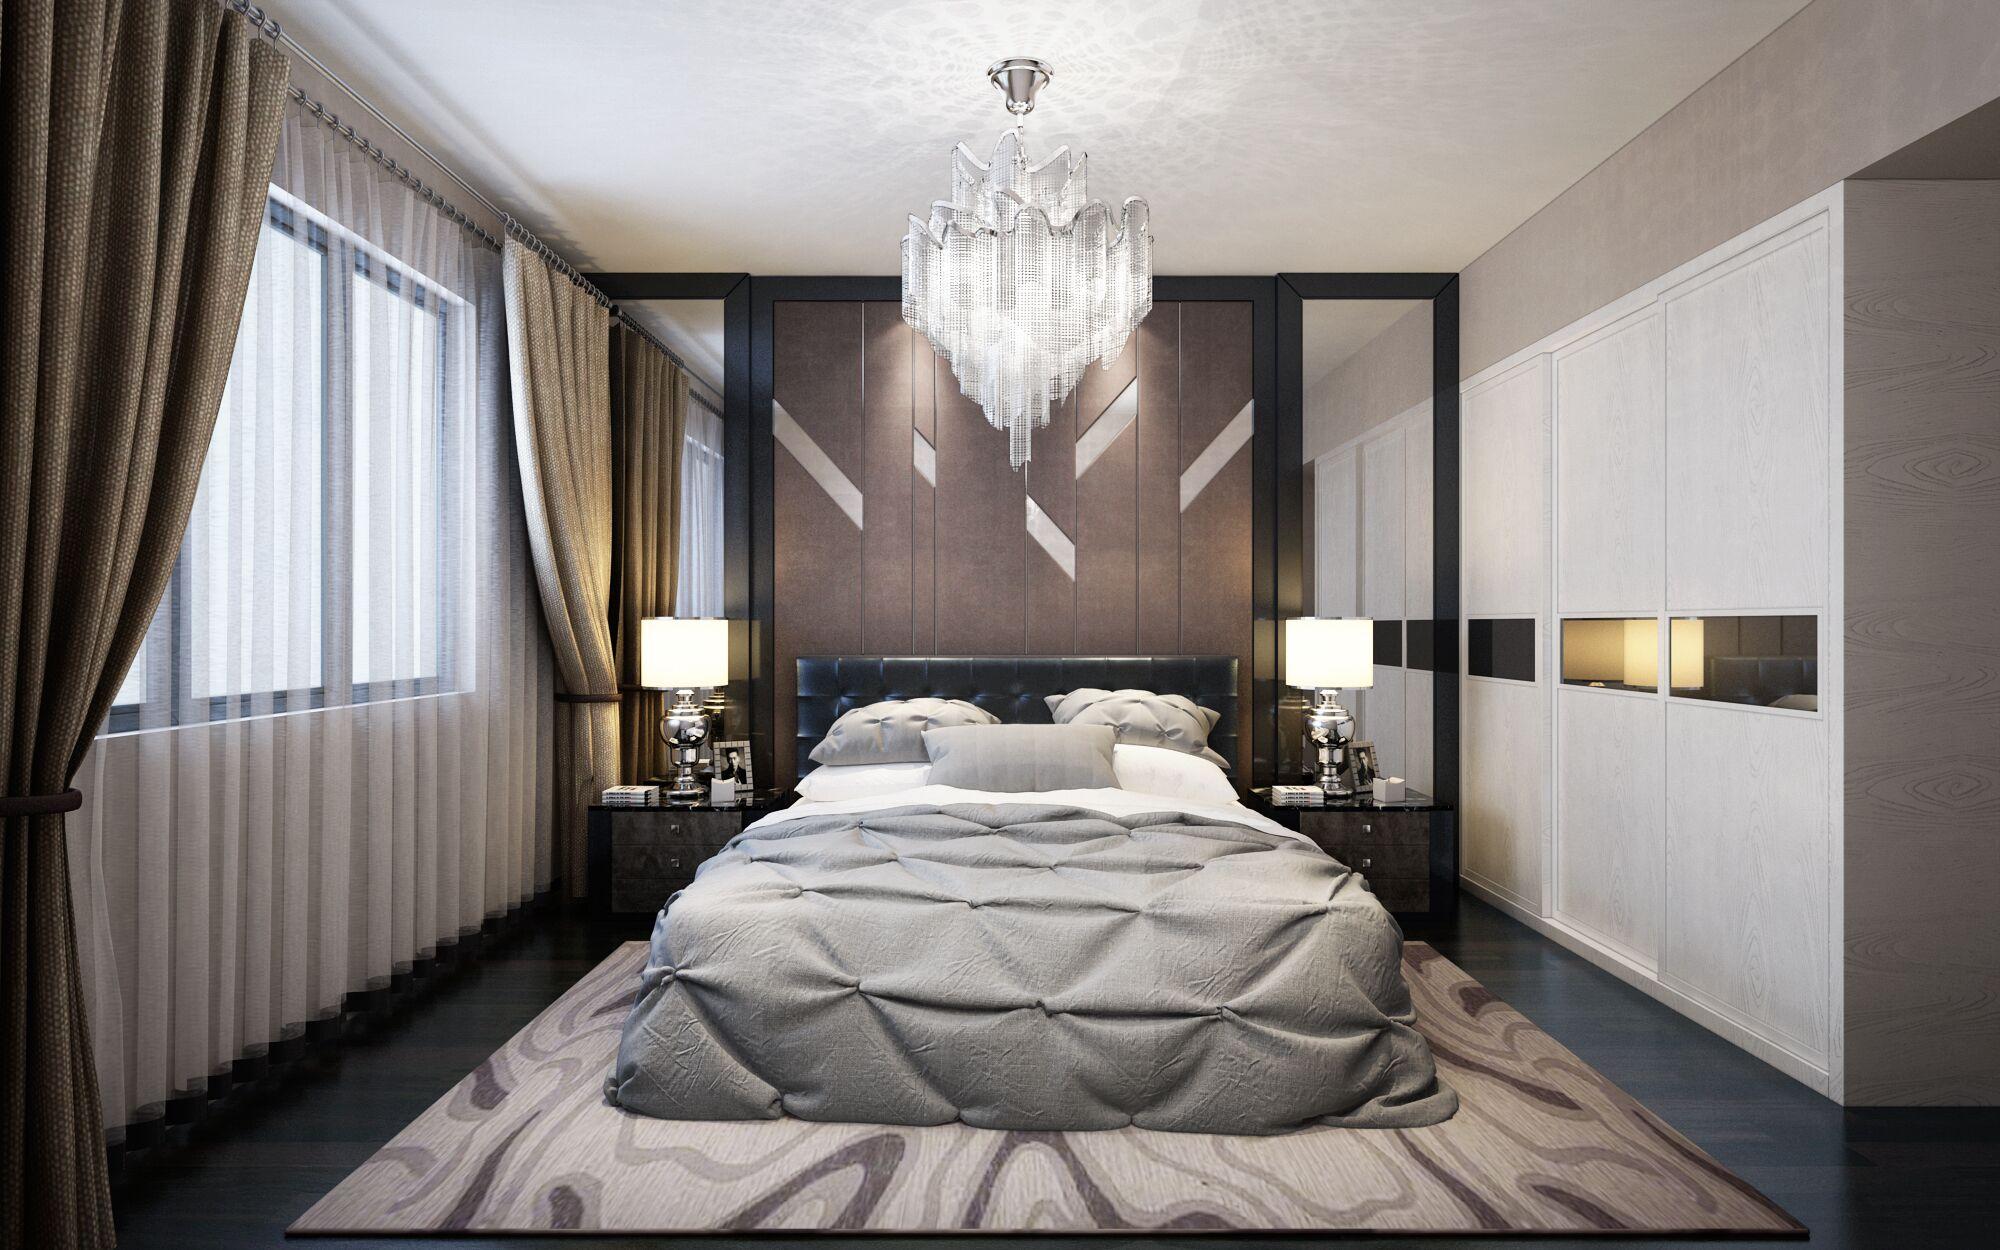 浅色棉质家居质感极强,为了避免乏味和视觉疲劳,衣柜中间的装饰板特意选择了一款可以反射阳光的金属质材料,更显得空间明亮。